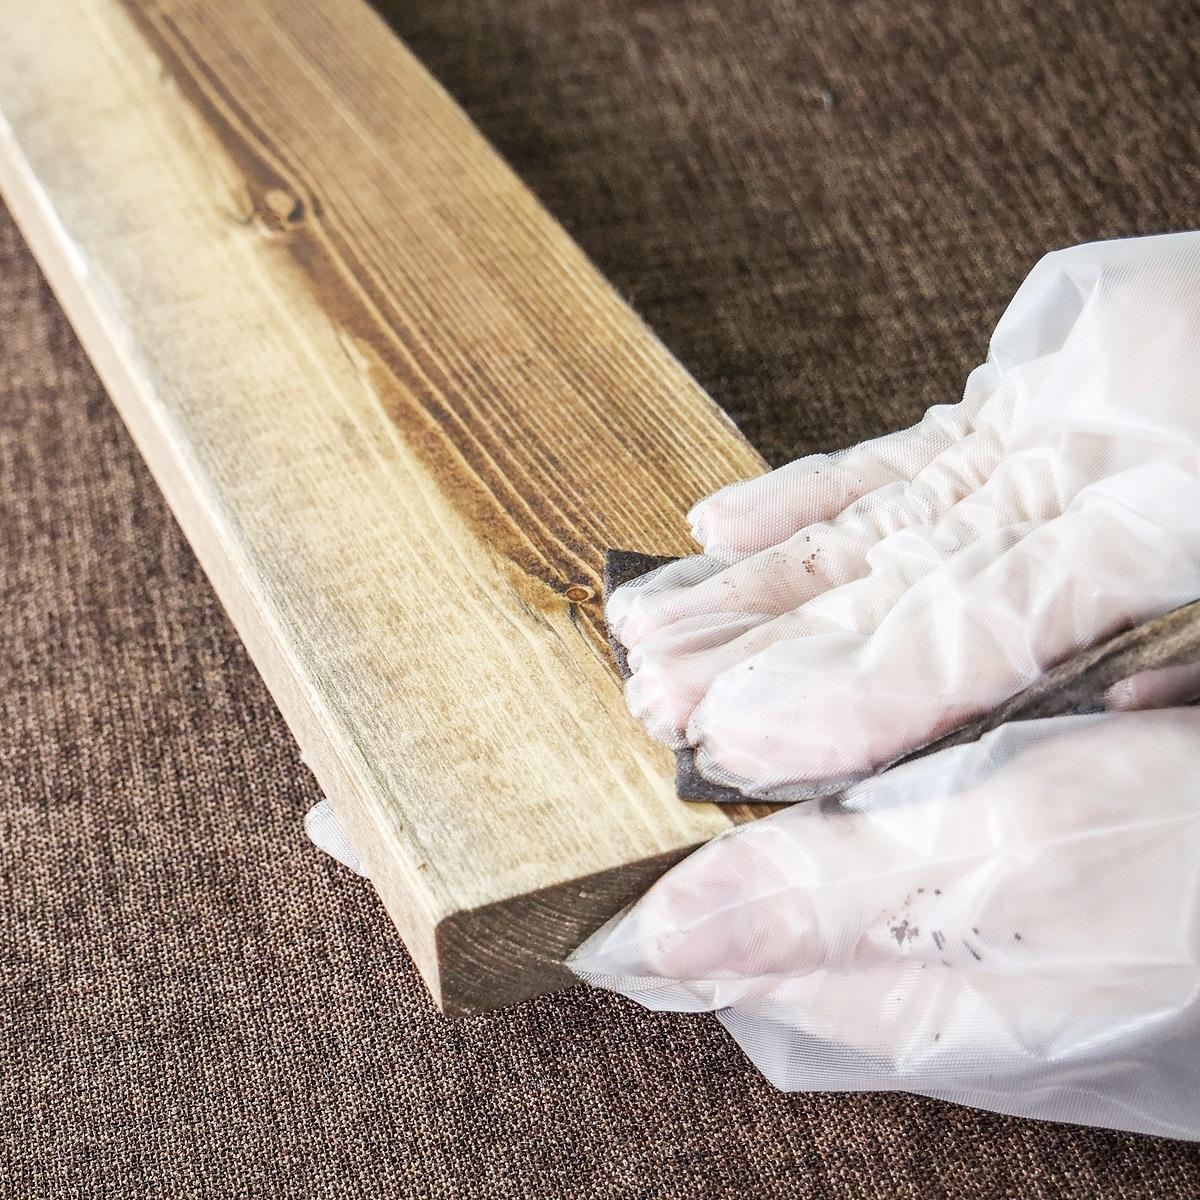 DIY FACTORY ペーパーステイン (Paper Stain) おしぼり塗料 ウォルナット 5枚